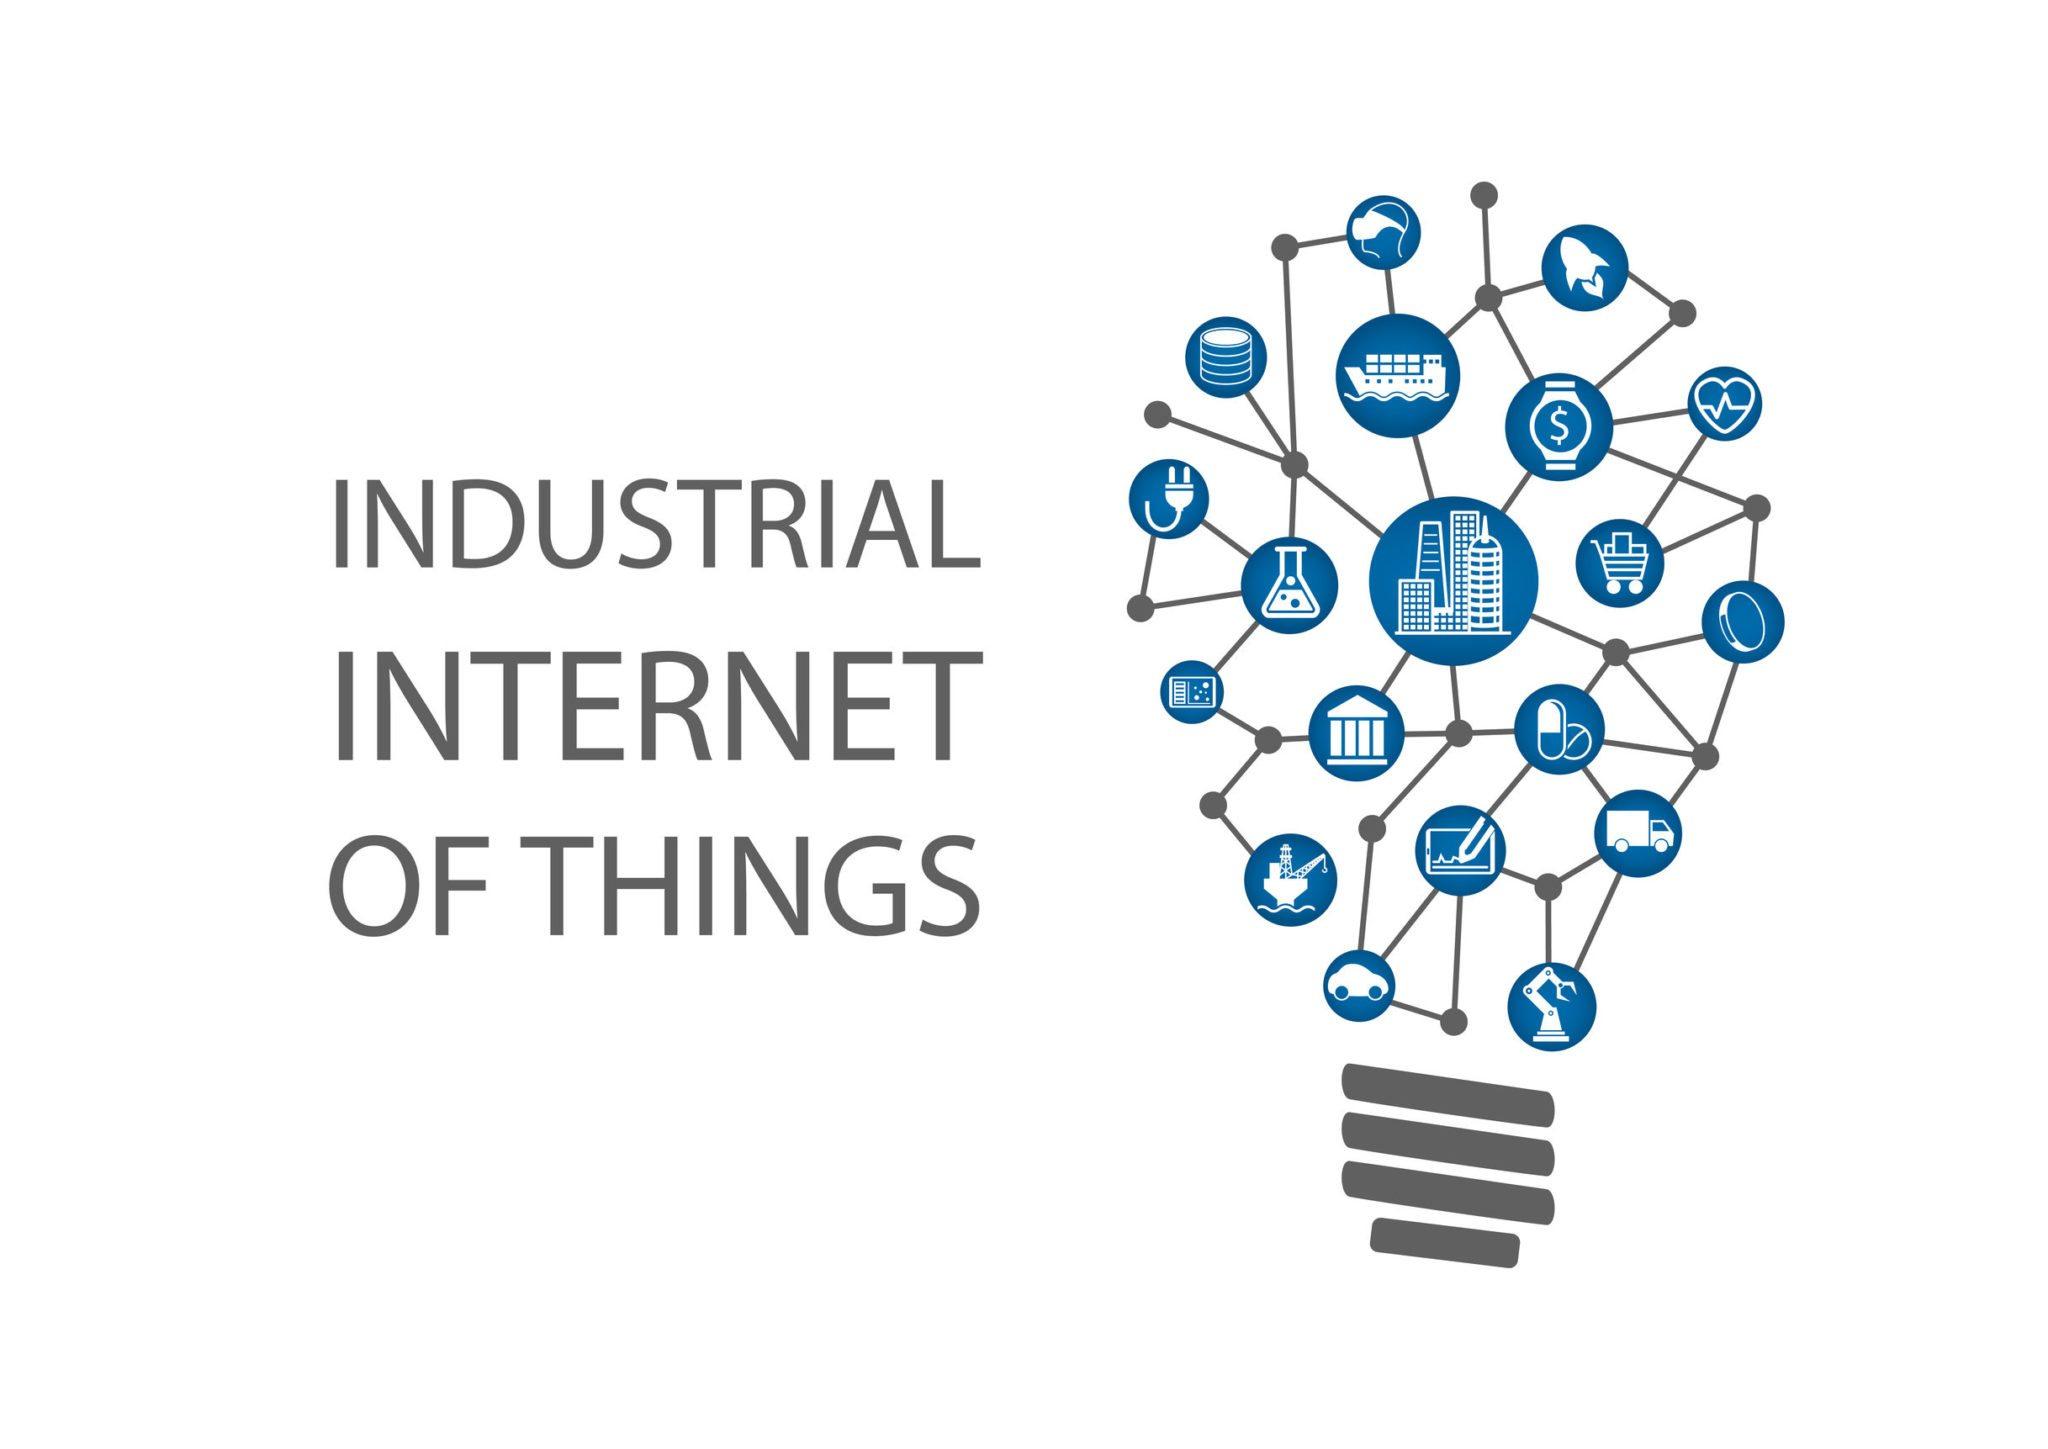 Xây dựng hệ thống IoT cho doanh nghiệp sản xuất – Bắt đầu từ đâu?